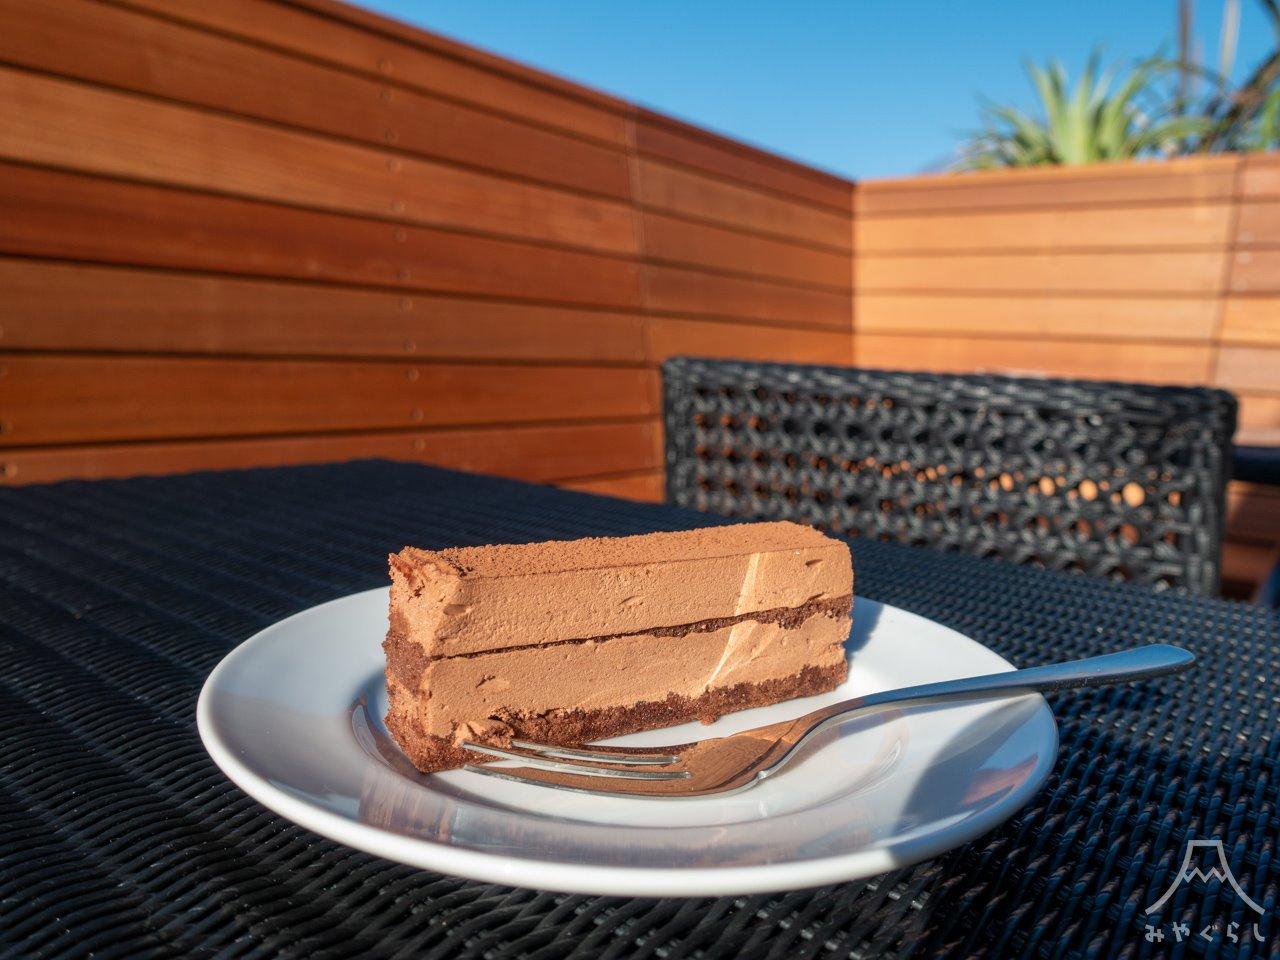 KOURAKUEN THE RAMEN CAFE 富士宮店のチョコレートケーキ